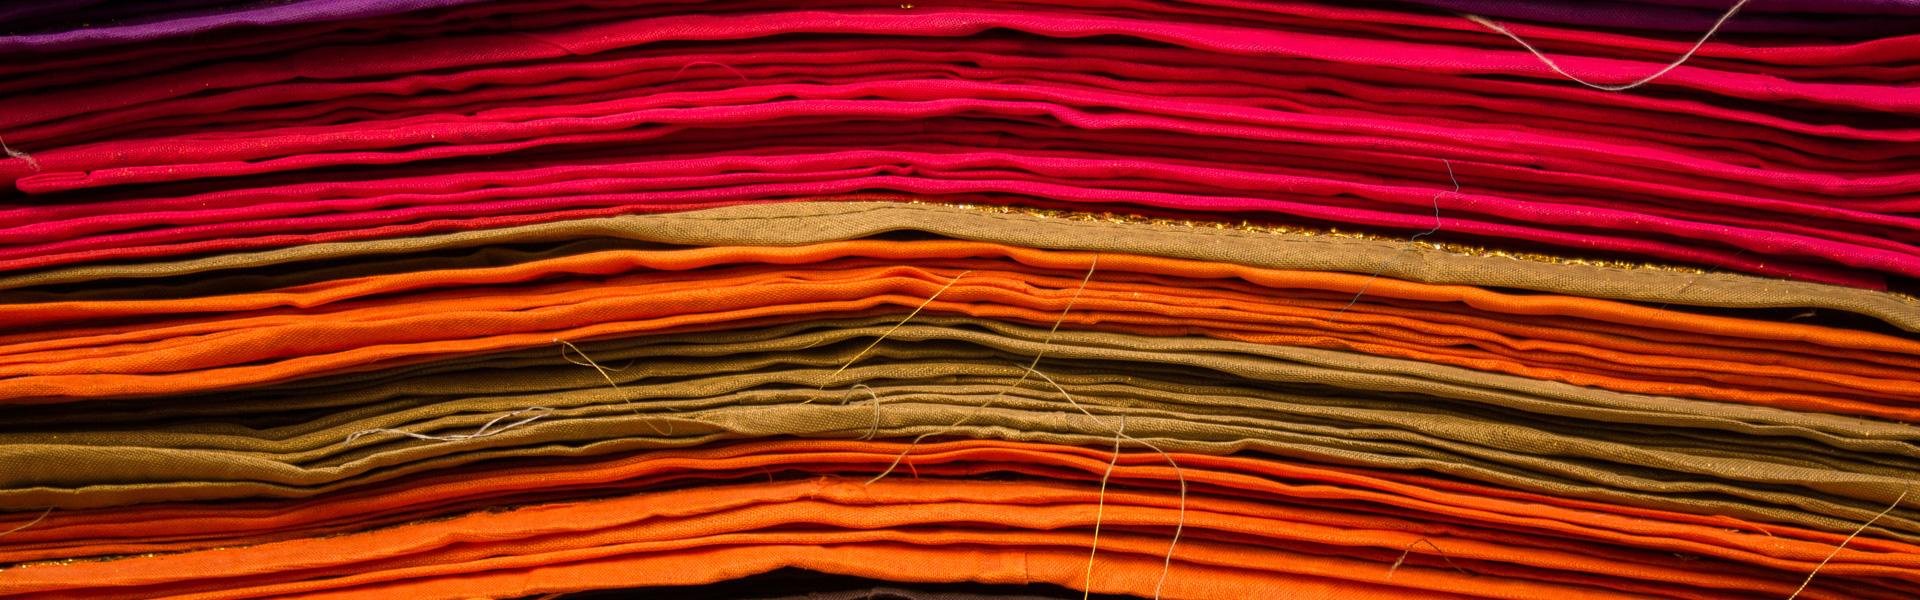 Bozatlı Tekstil Slider 3